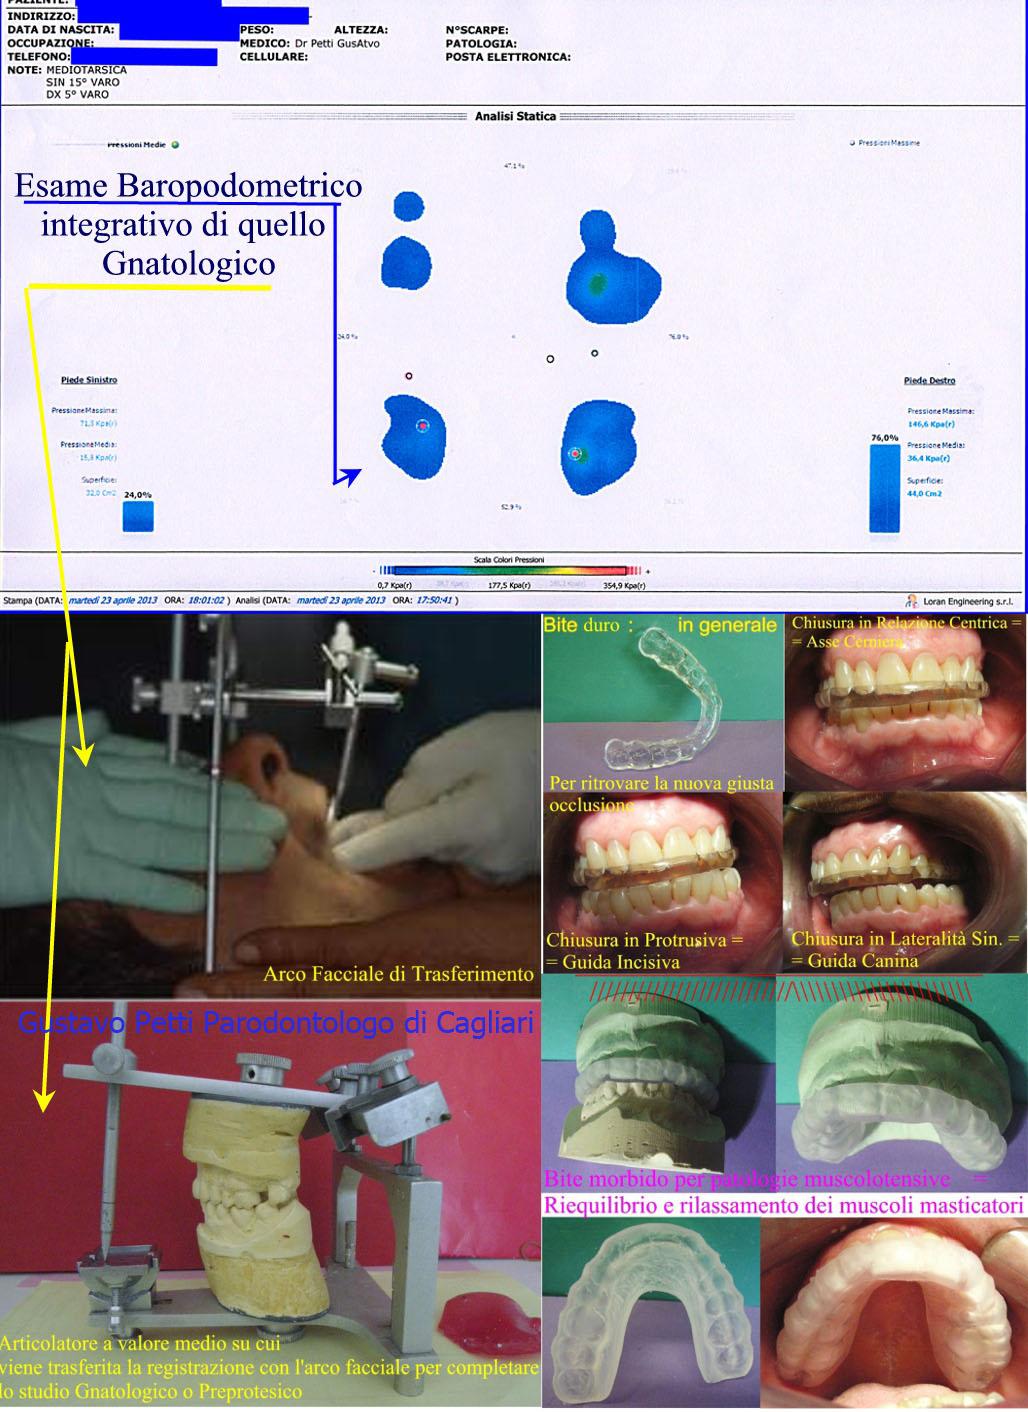 gnatologia-dr-g.petti-cagliari-96.jpg